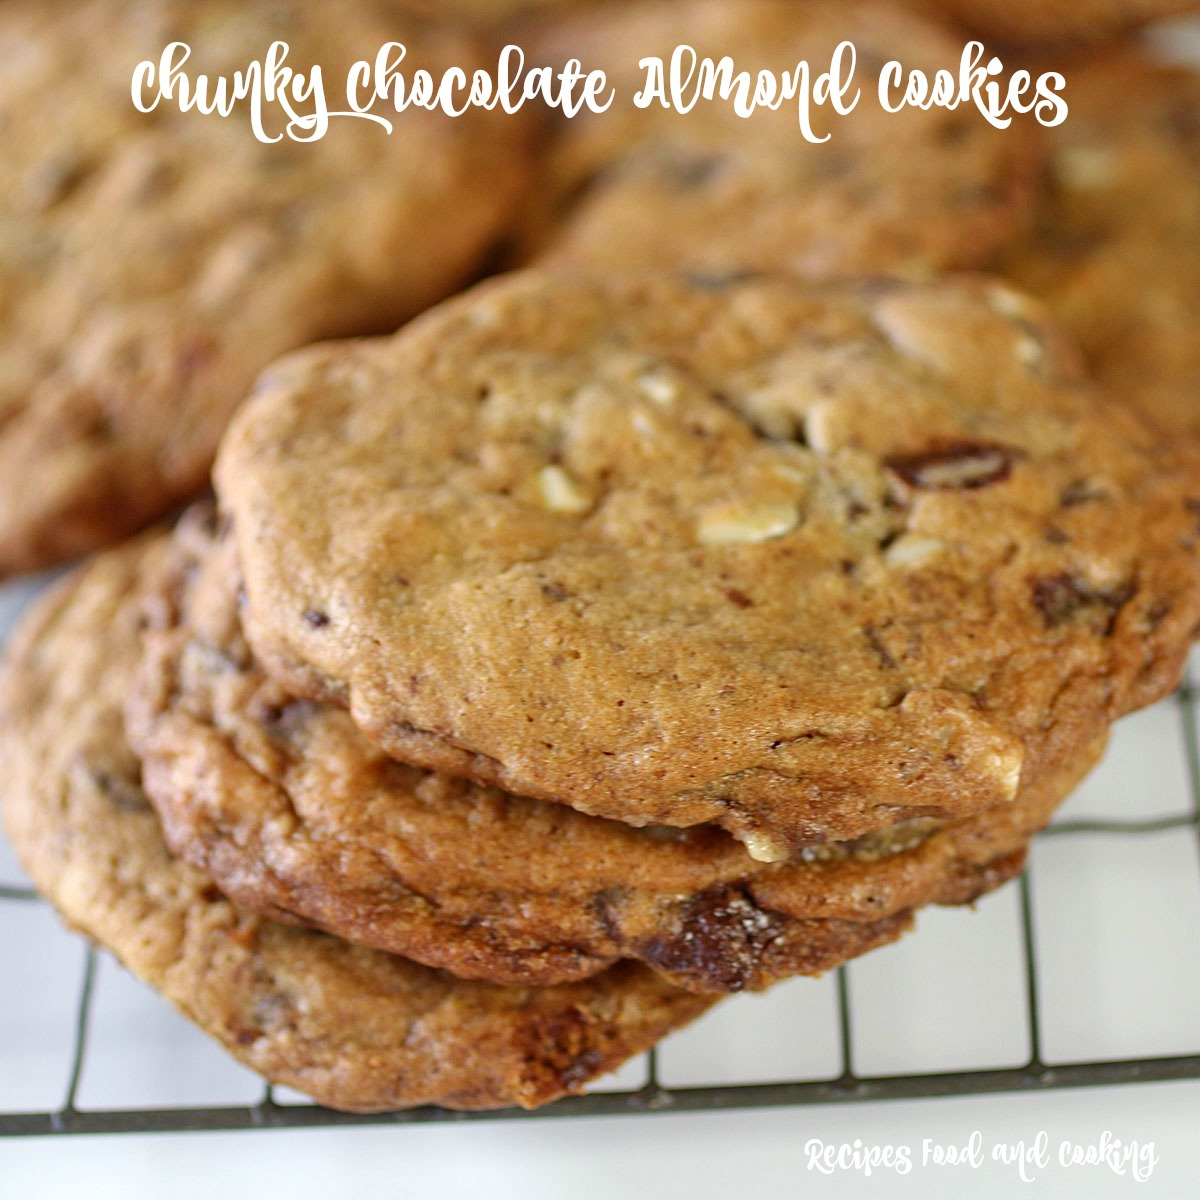 Chunky Chocolate Almond Cookies